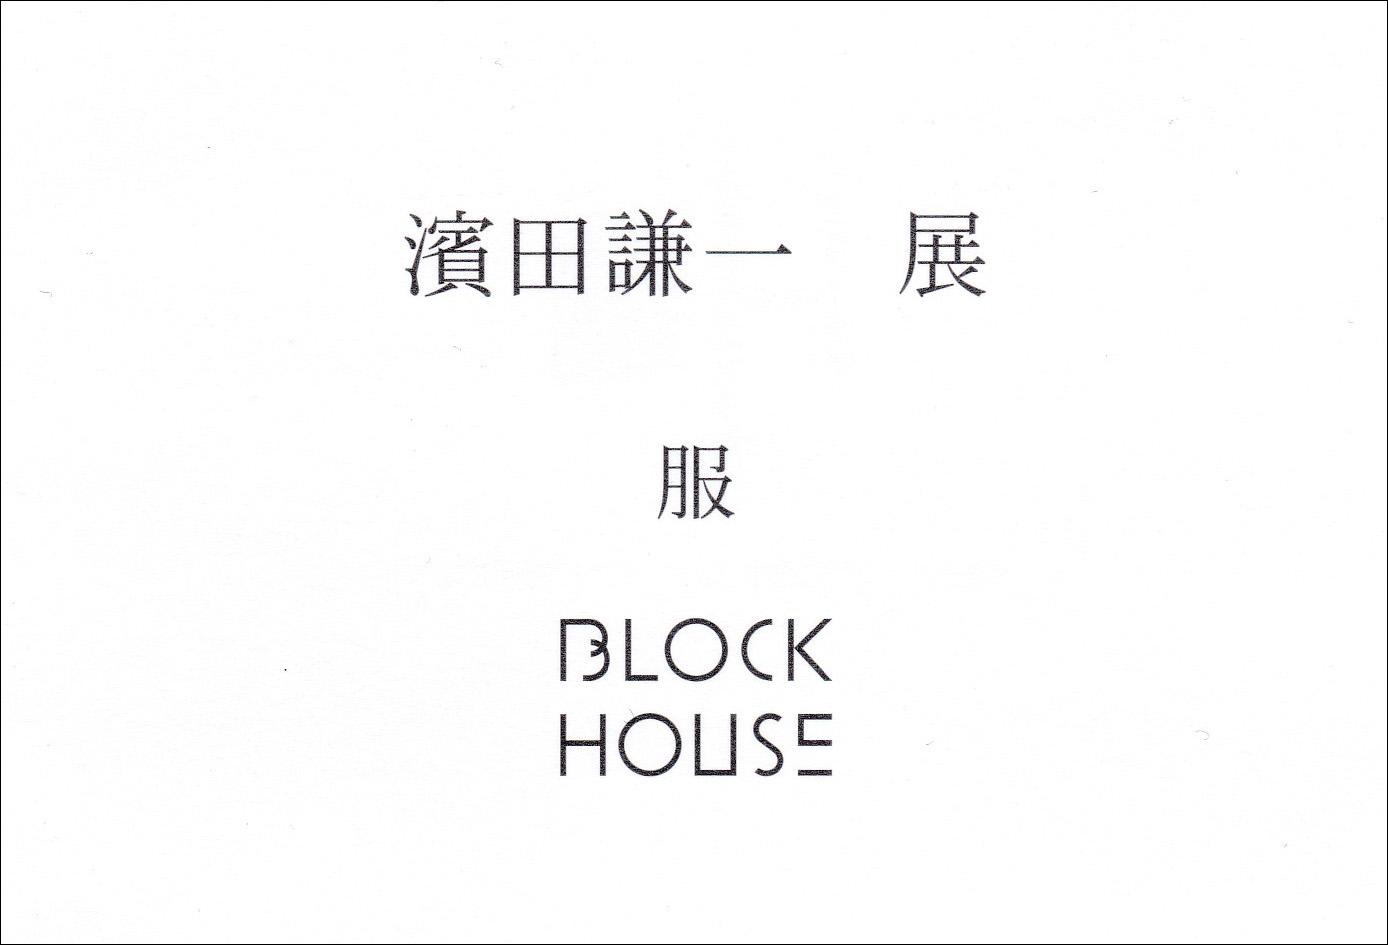 濱田謙一さん(モード研究室 講師)展示会のお知らせ